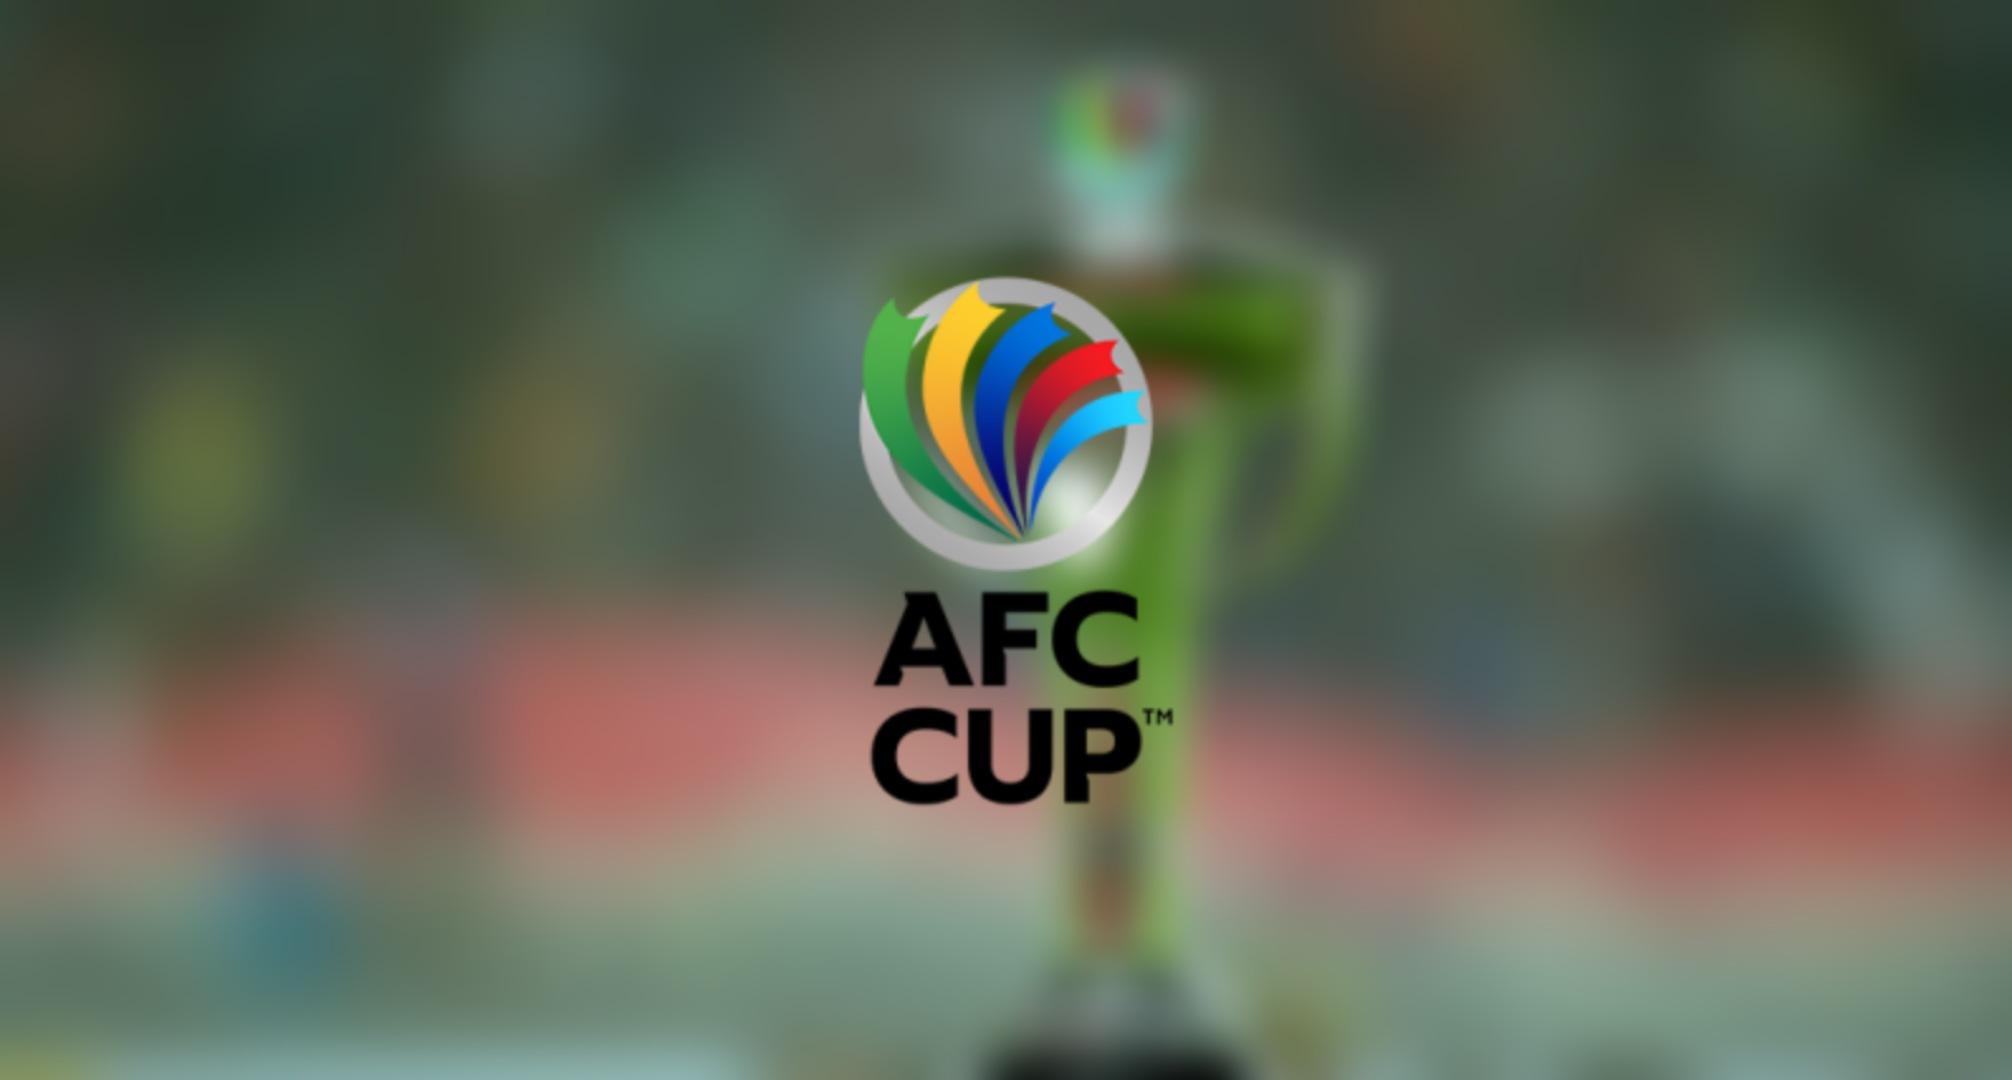 Jadual dan Keputusan AFC Cup 2021 (Kedudukan Carta)